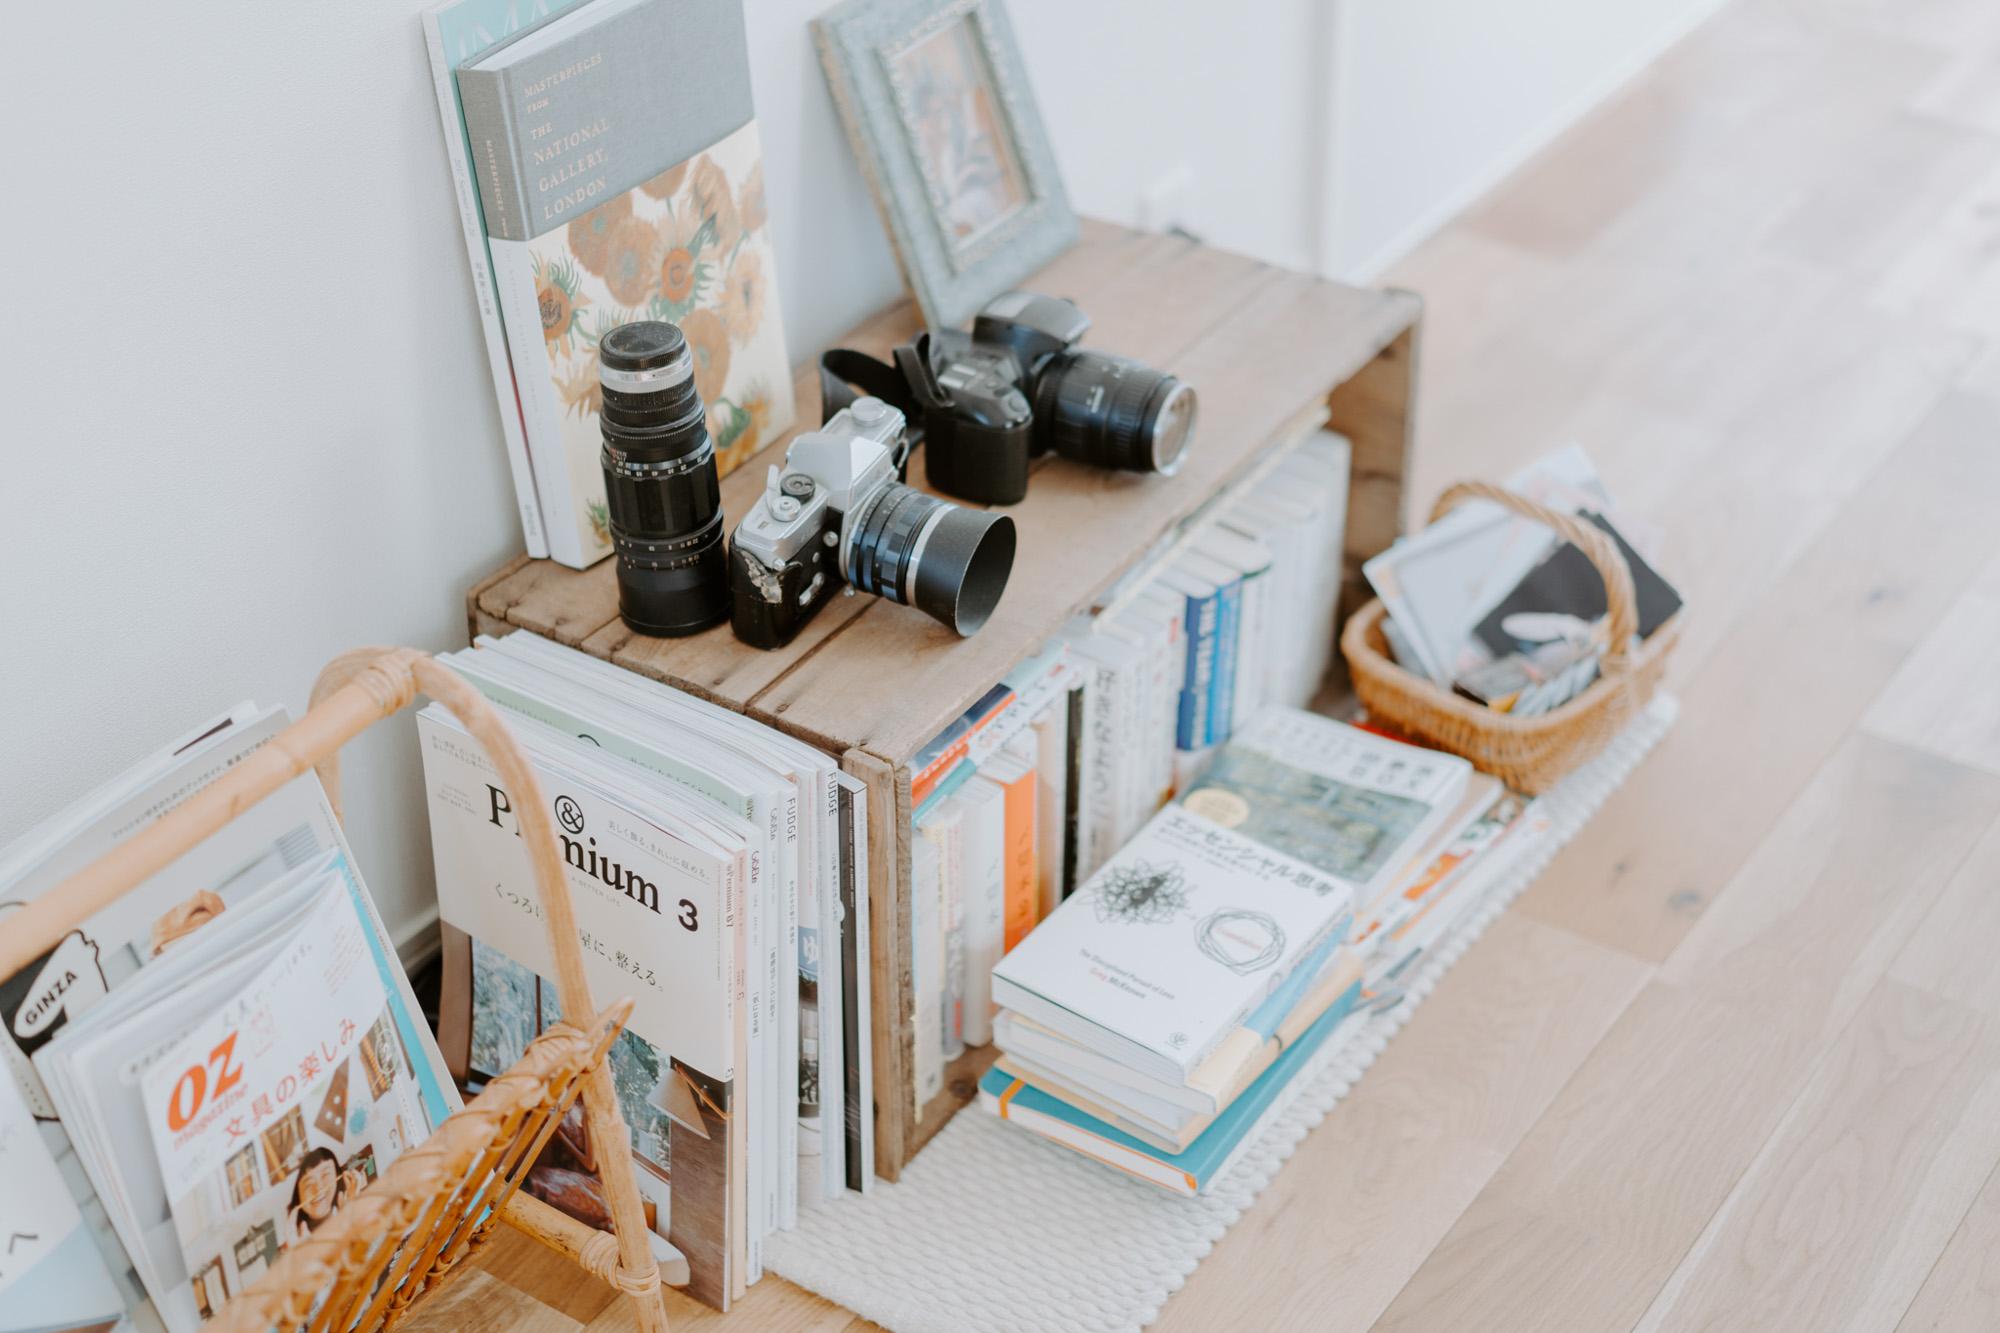 技術書やビジネス書など、手元に残しておきたいけど装丁が派手なものは、低い位置に置いたリンゴ箱に収納。